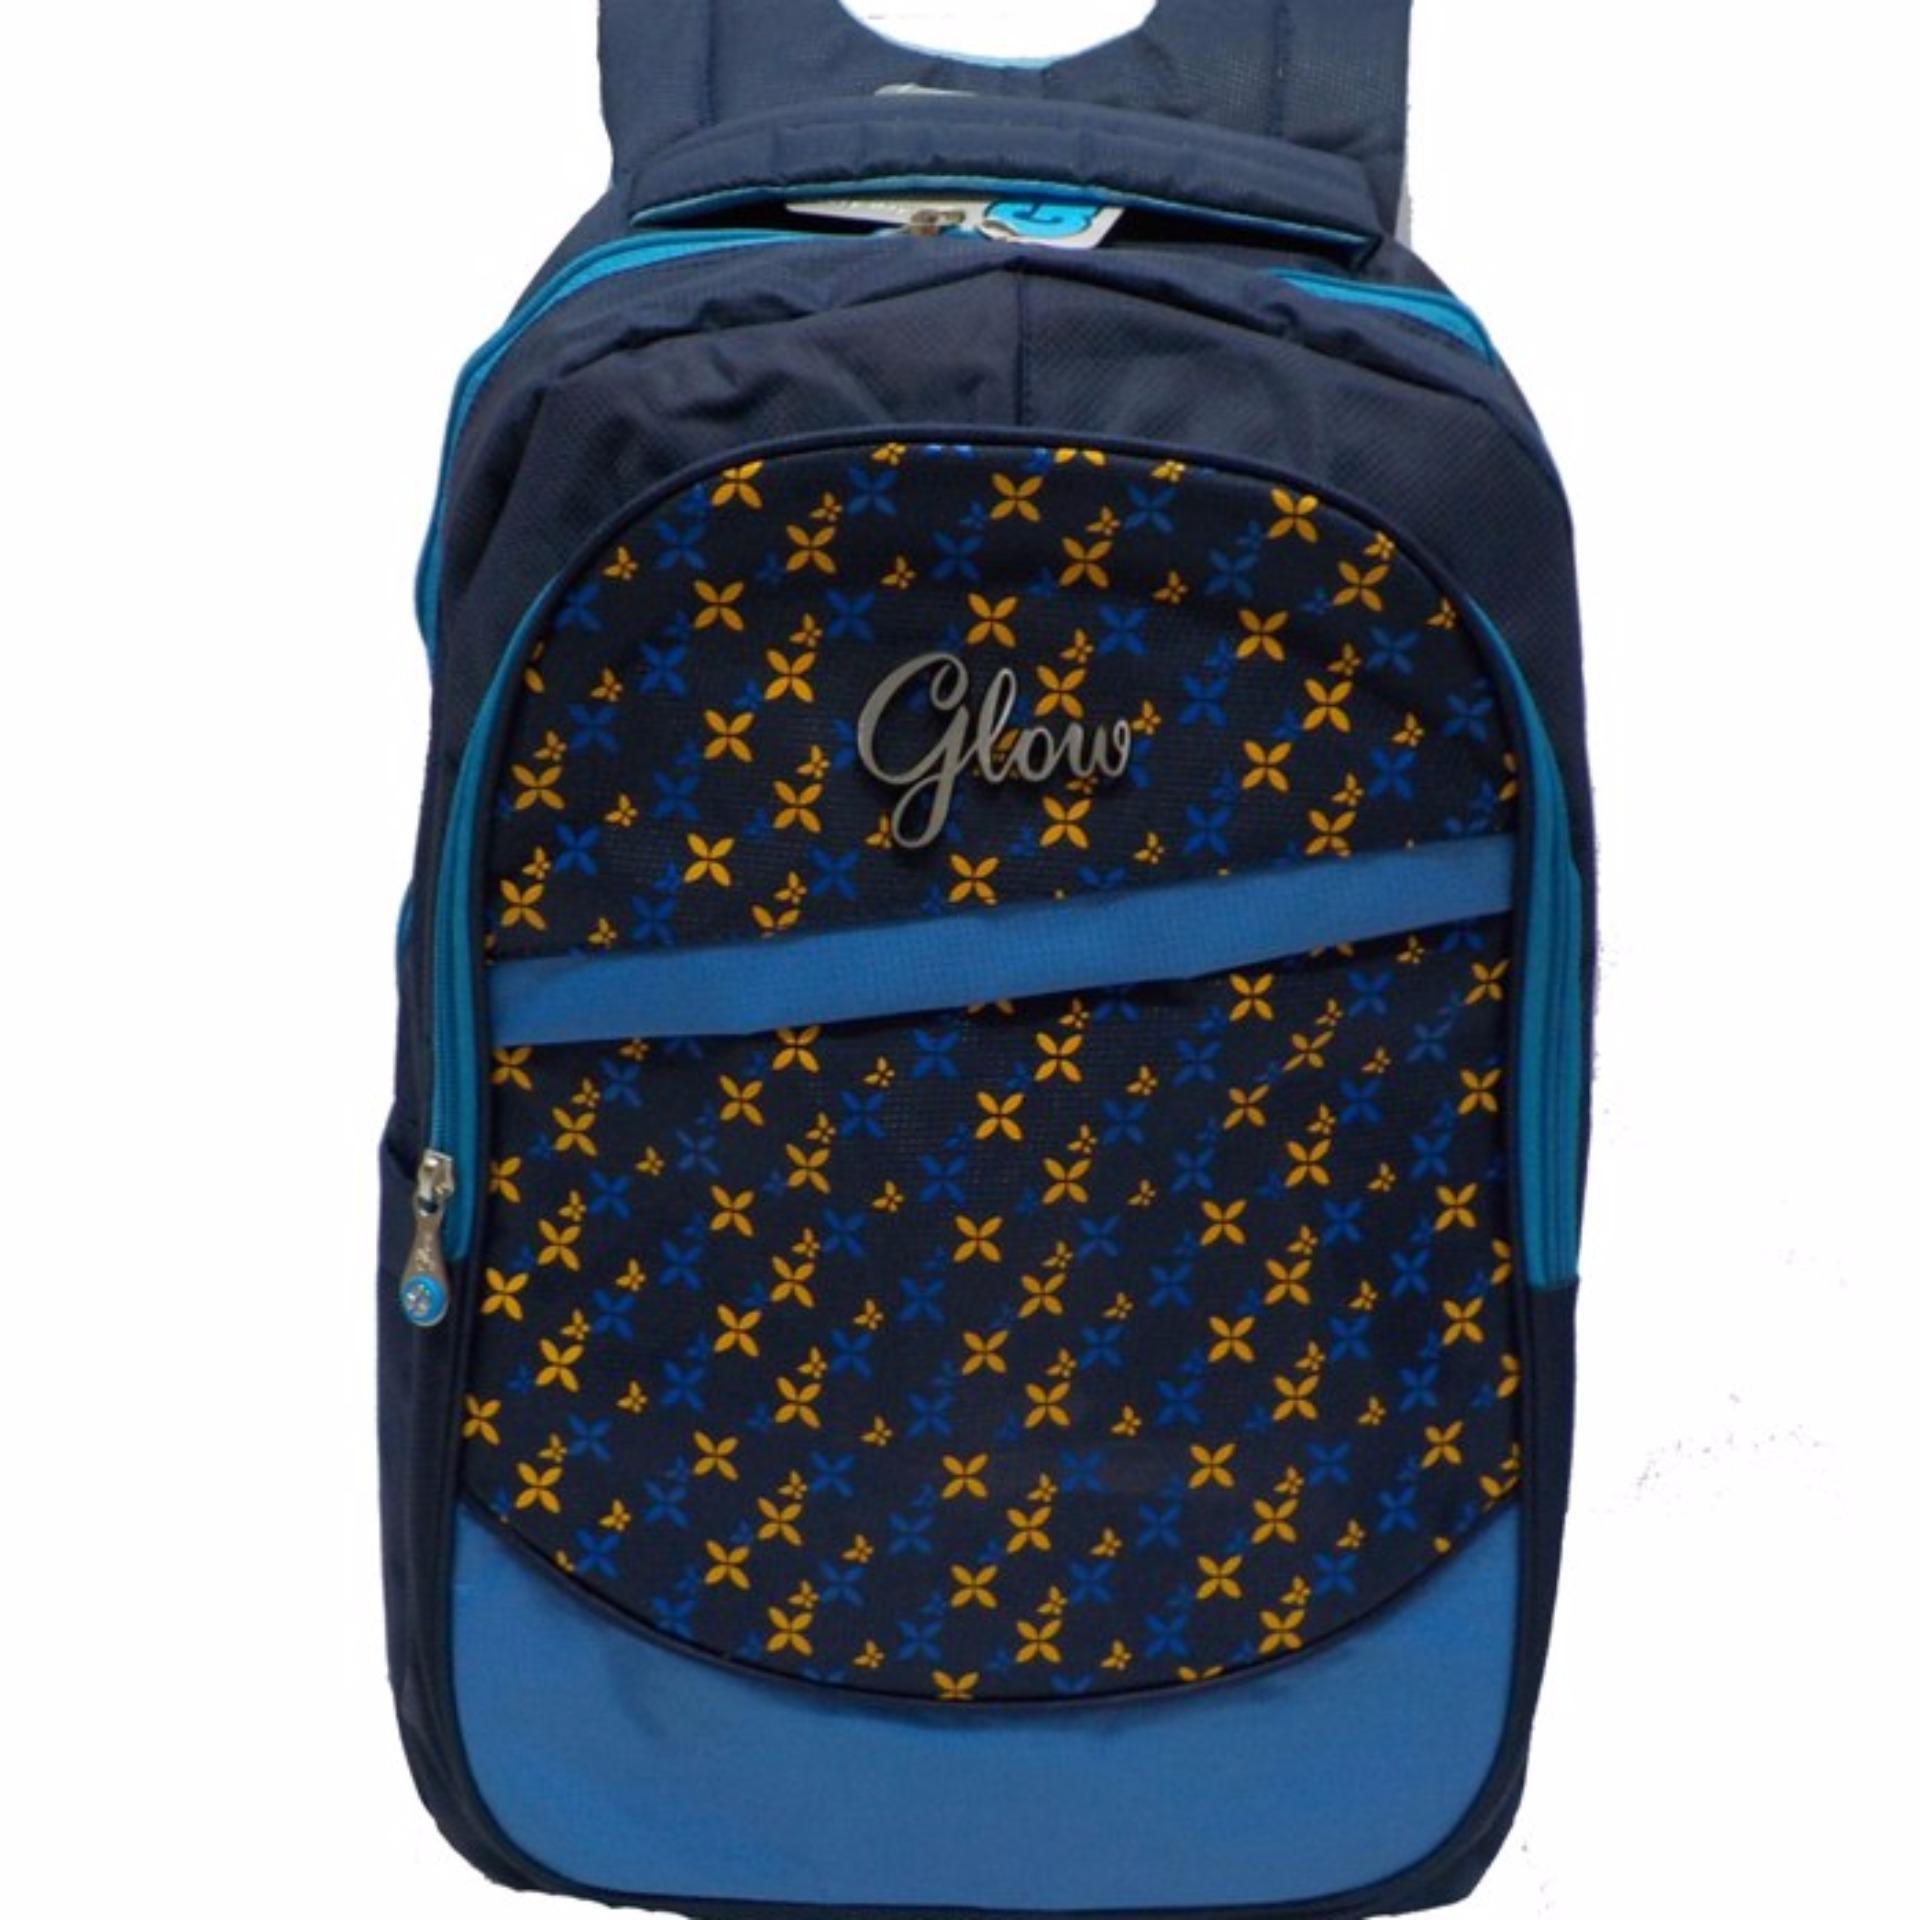 Produk Viral Tas Ransel Sepatu Sekolah 3in1 Best Seller Toko Glow Laptop Raincover 613111